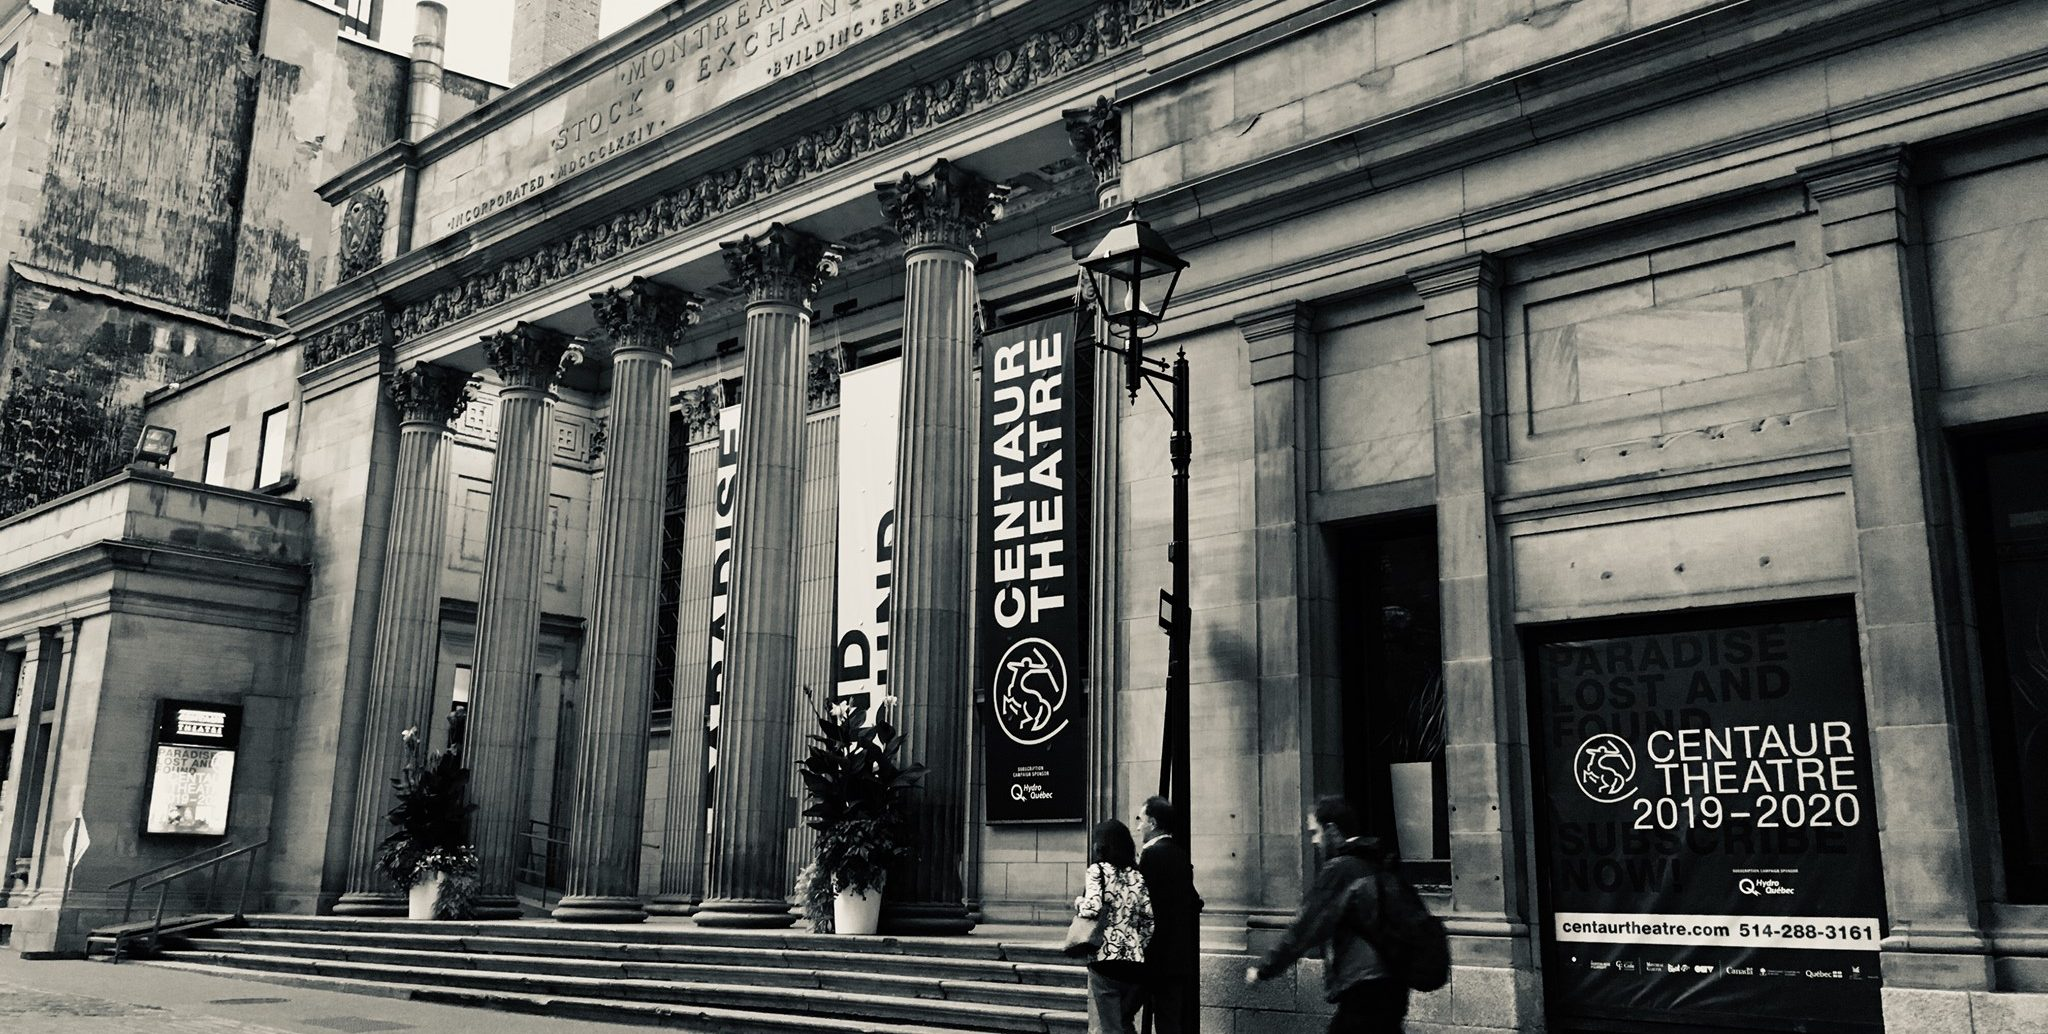 Centaur Theatre facade in black and white